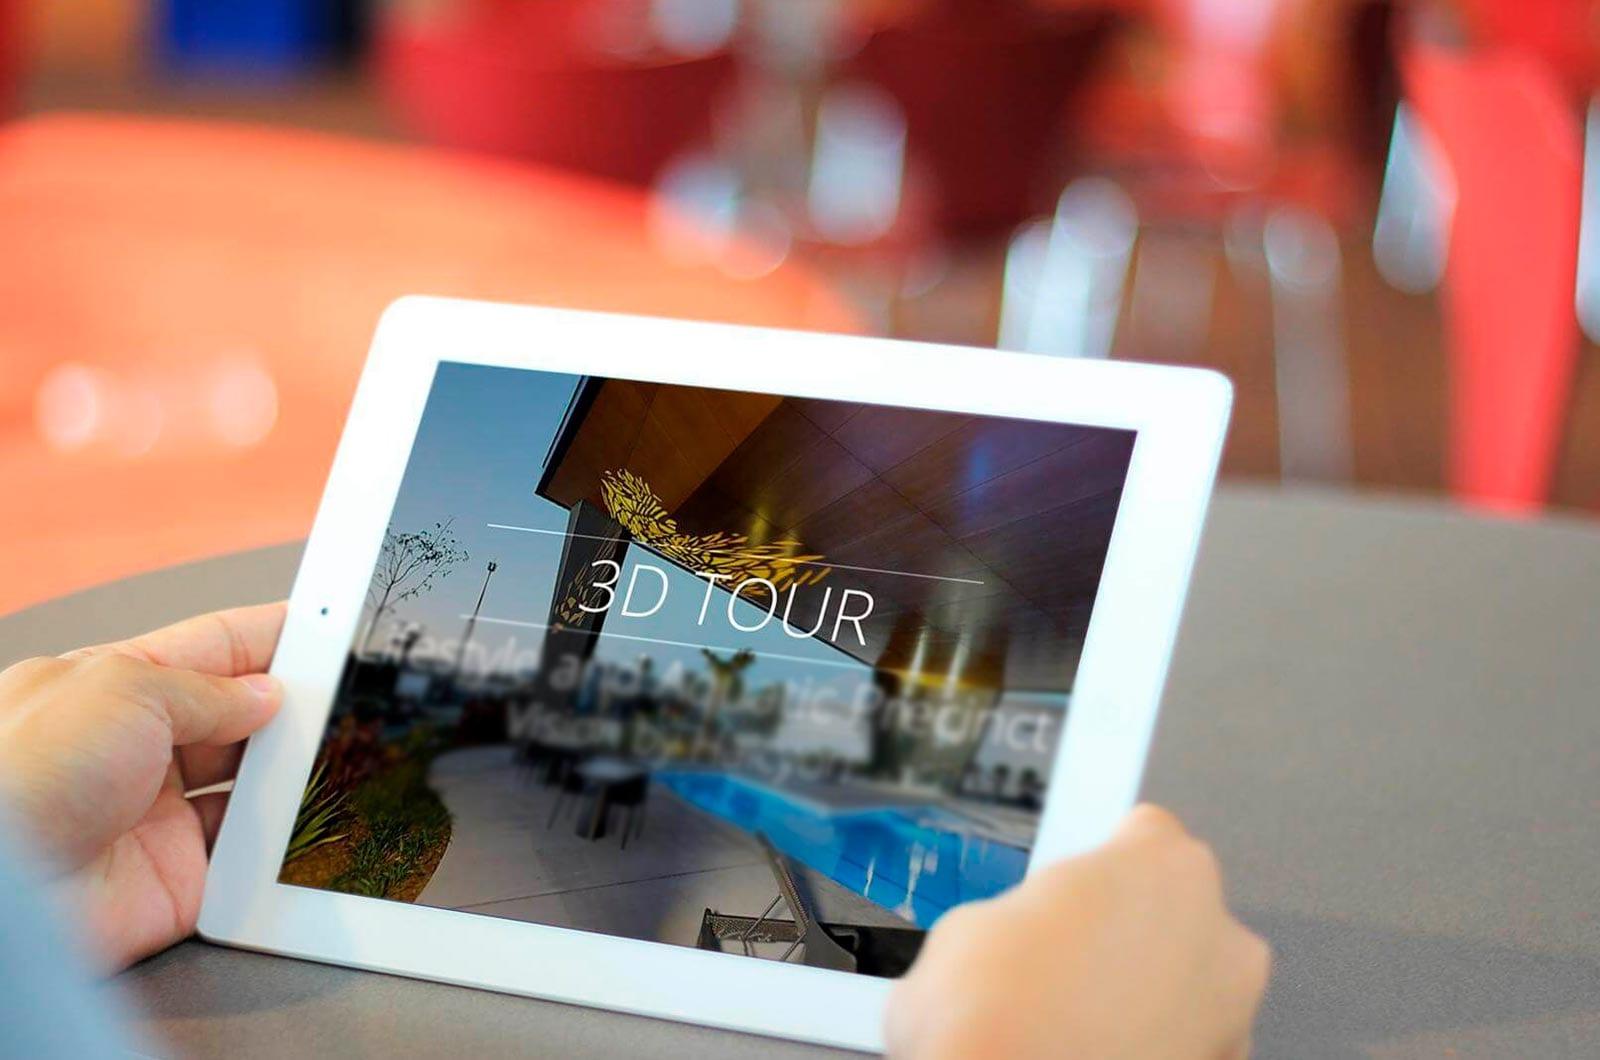 Real Estate 3D Tours | Luxury Real Estate 3D Tours | Estate 3D Tours